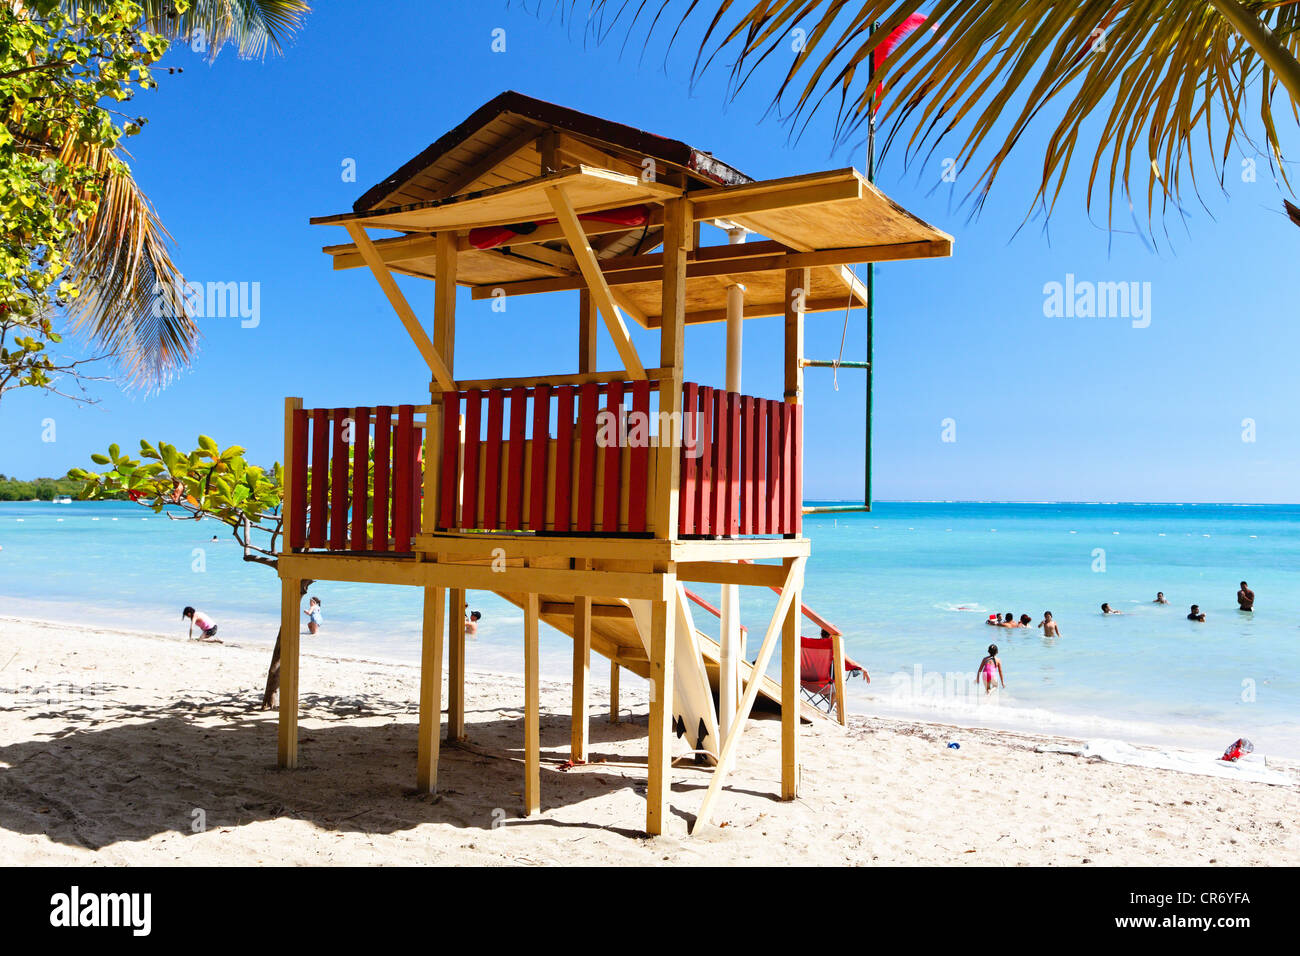 Bagnino capanna sulla spiaggia, Cana Gorda, Guanica, Puerto Rico Immagini Stock